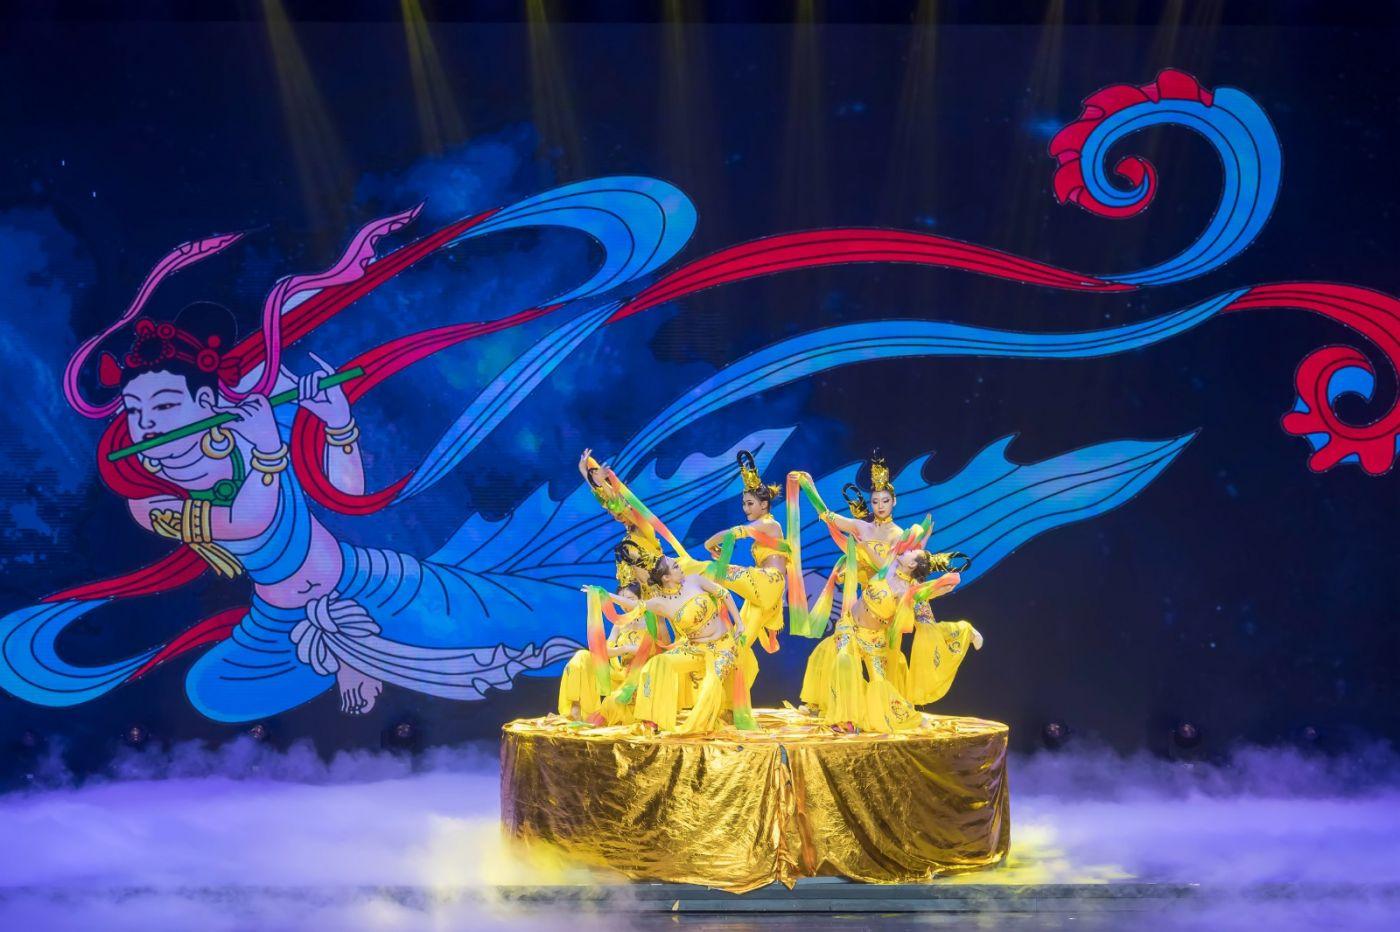 沂蒙大地上 有一种舞蹈叫飞天 这是几位临沂女孩的杰作 美轮美奂 ..._图1-58